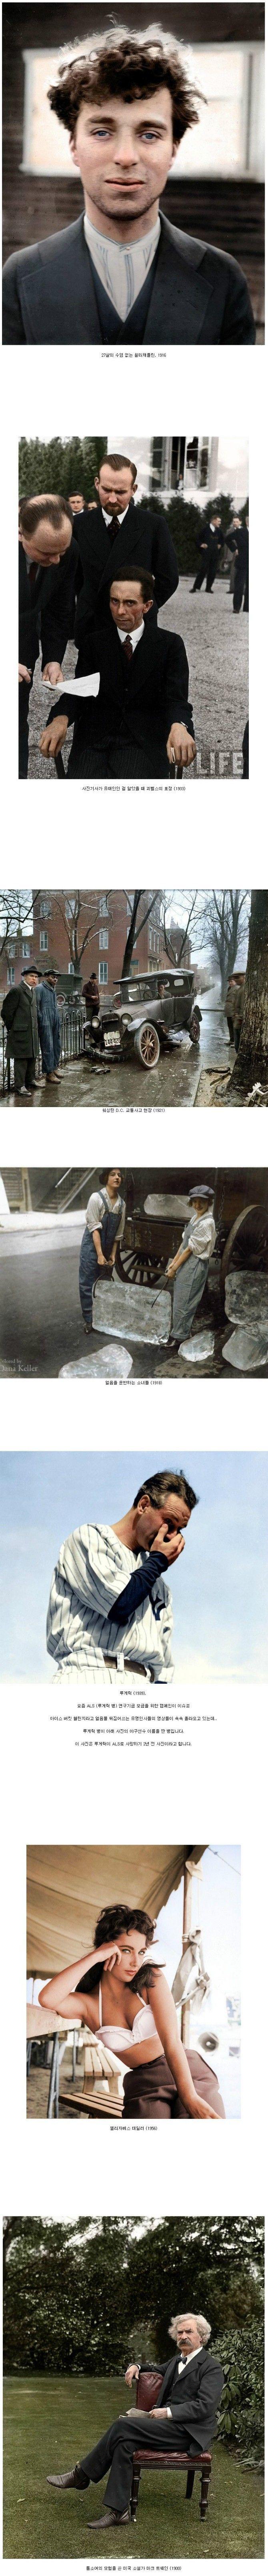 컬러로 복원된 흑백 사진   Daum 루리웹